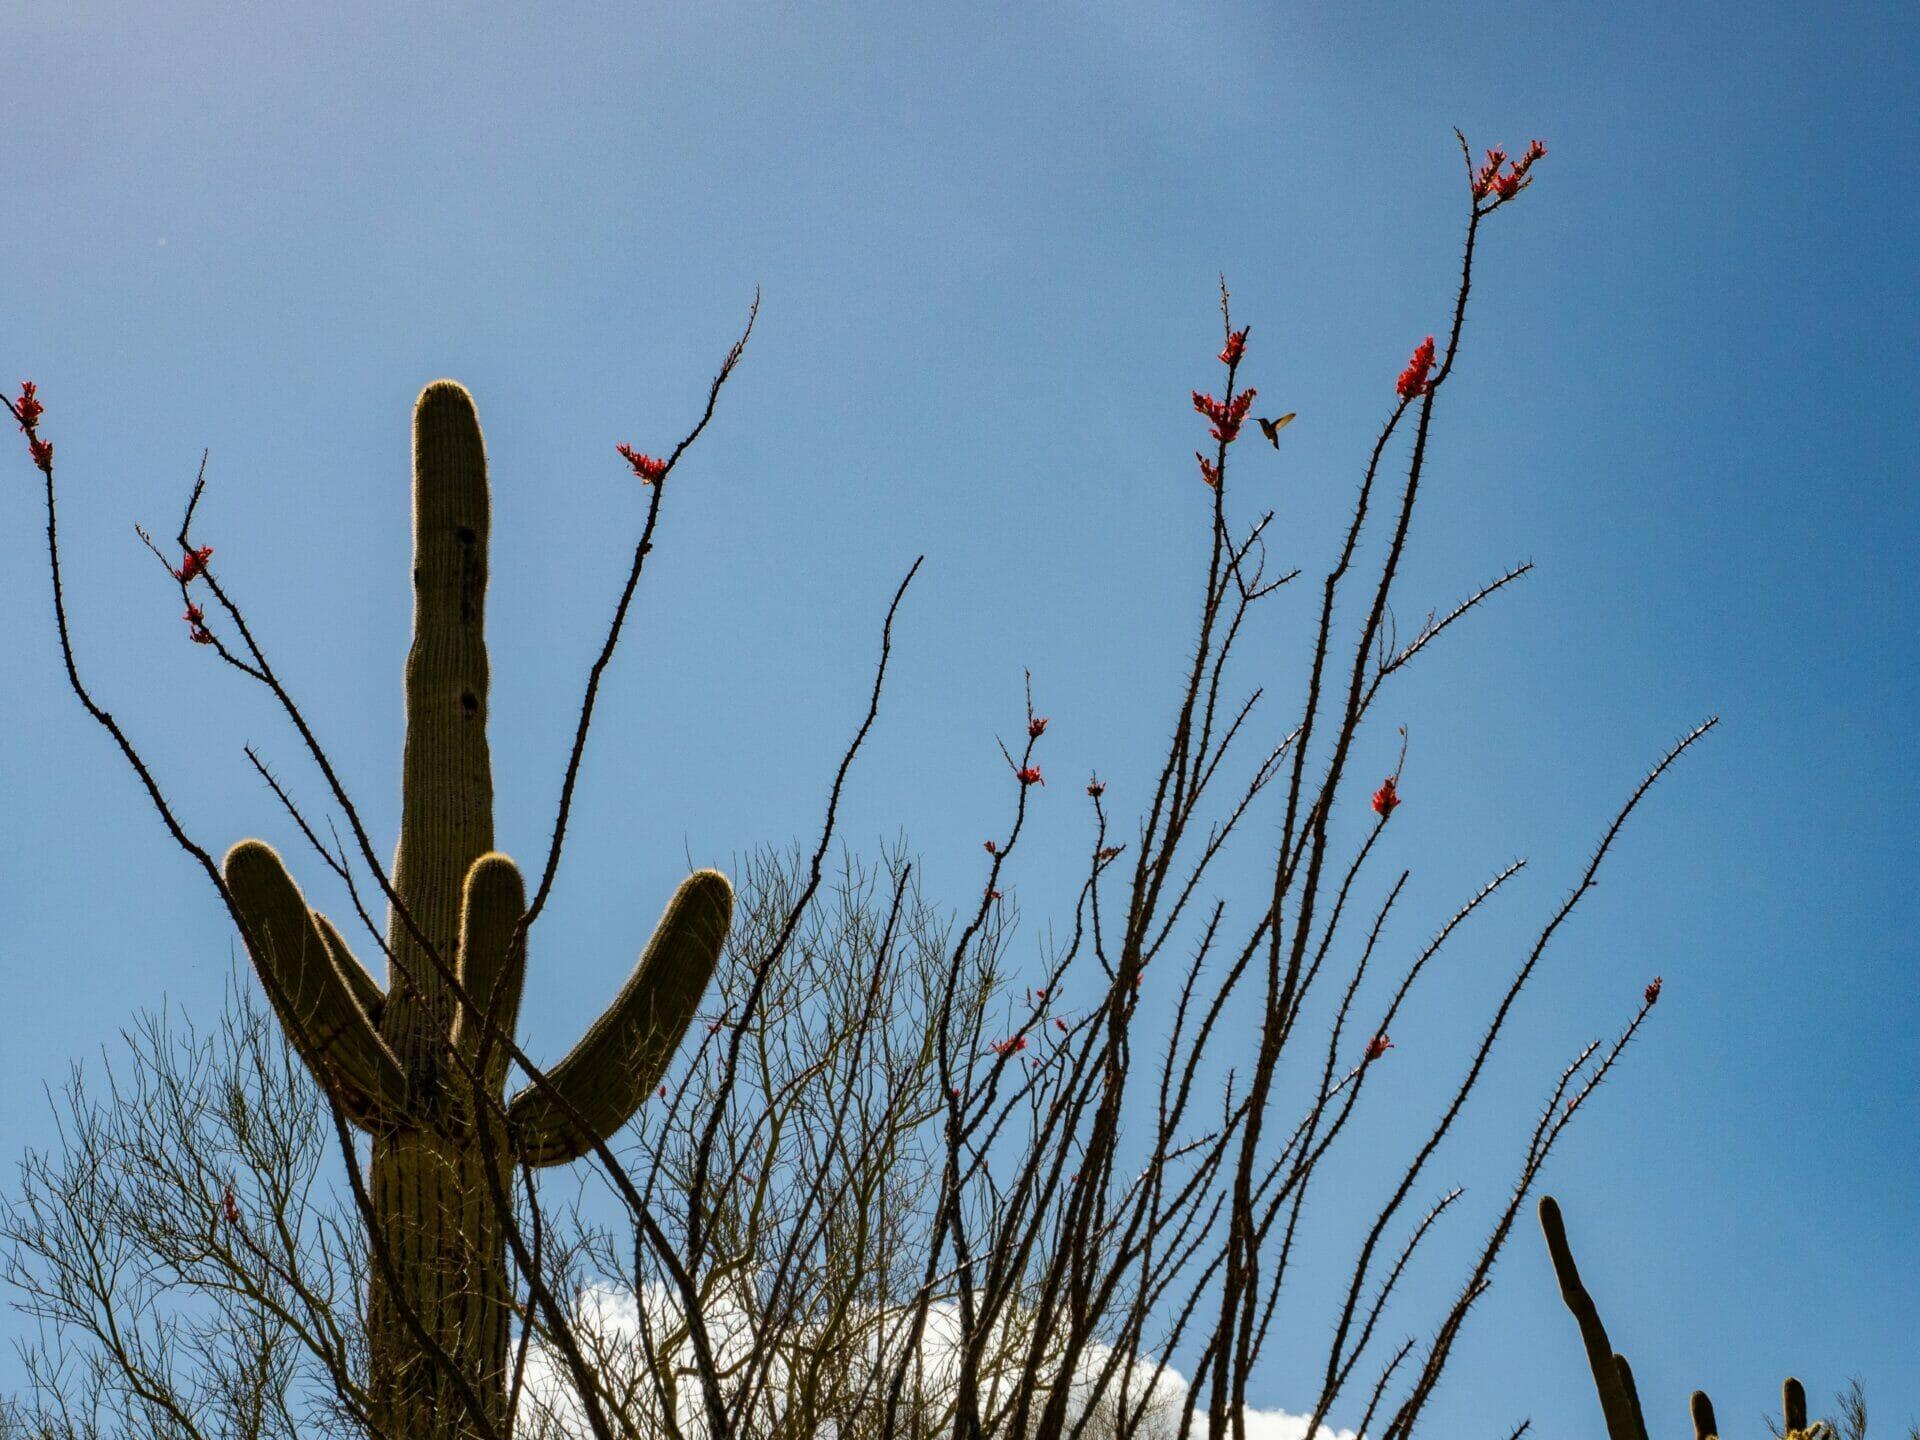 Cactus in bloom Arizona Sonoran Desert Saguaro National Park